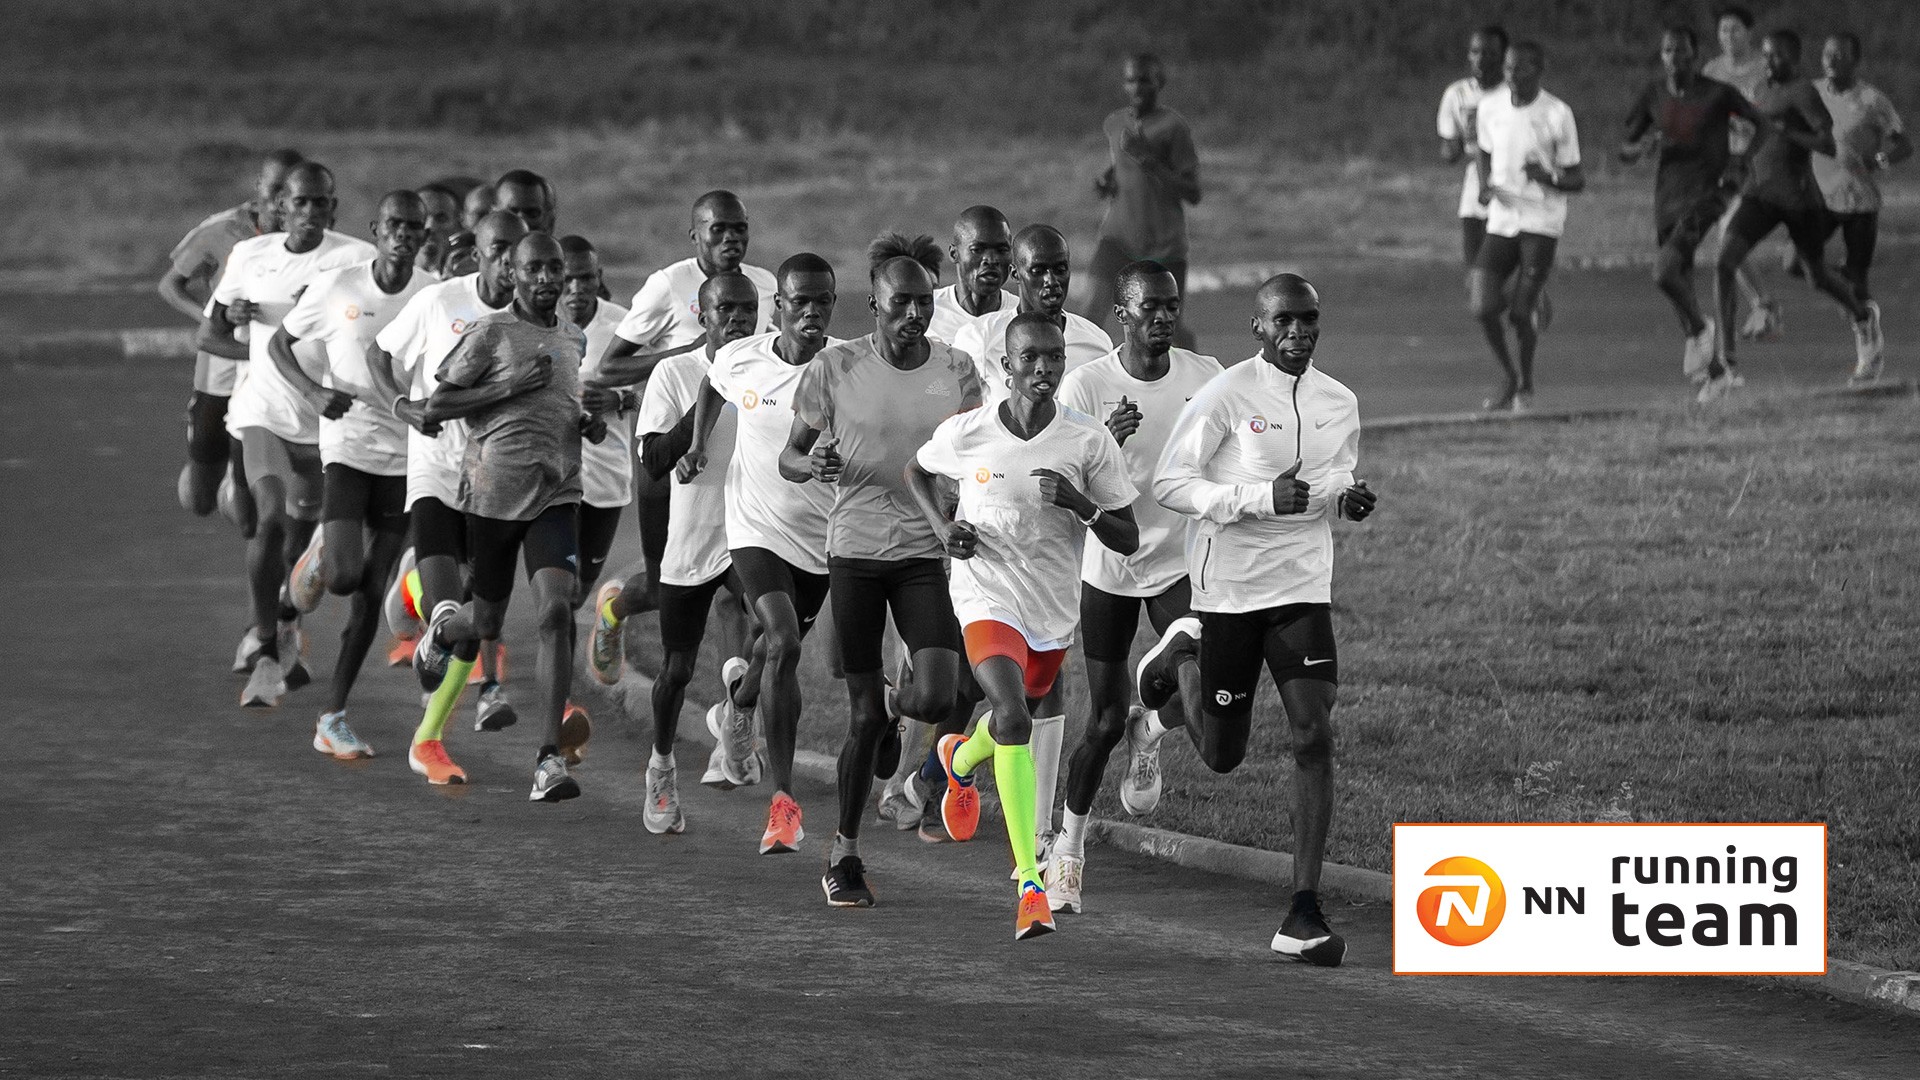 NN running team Virtuoos 2020